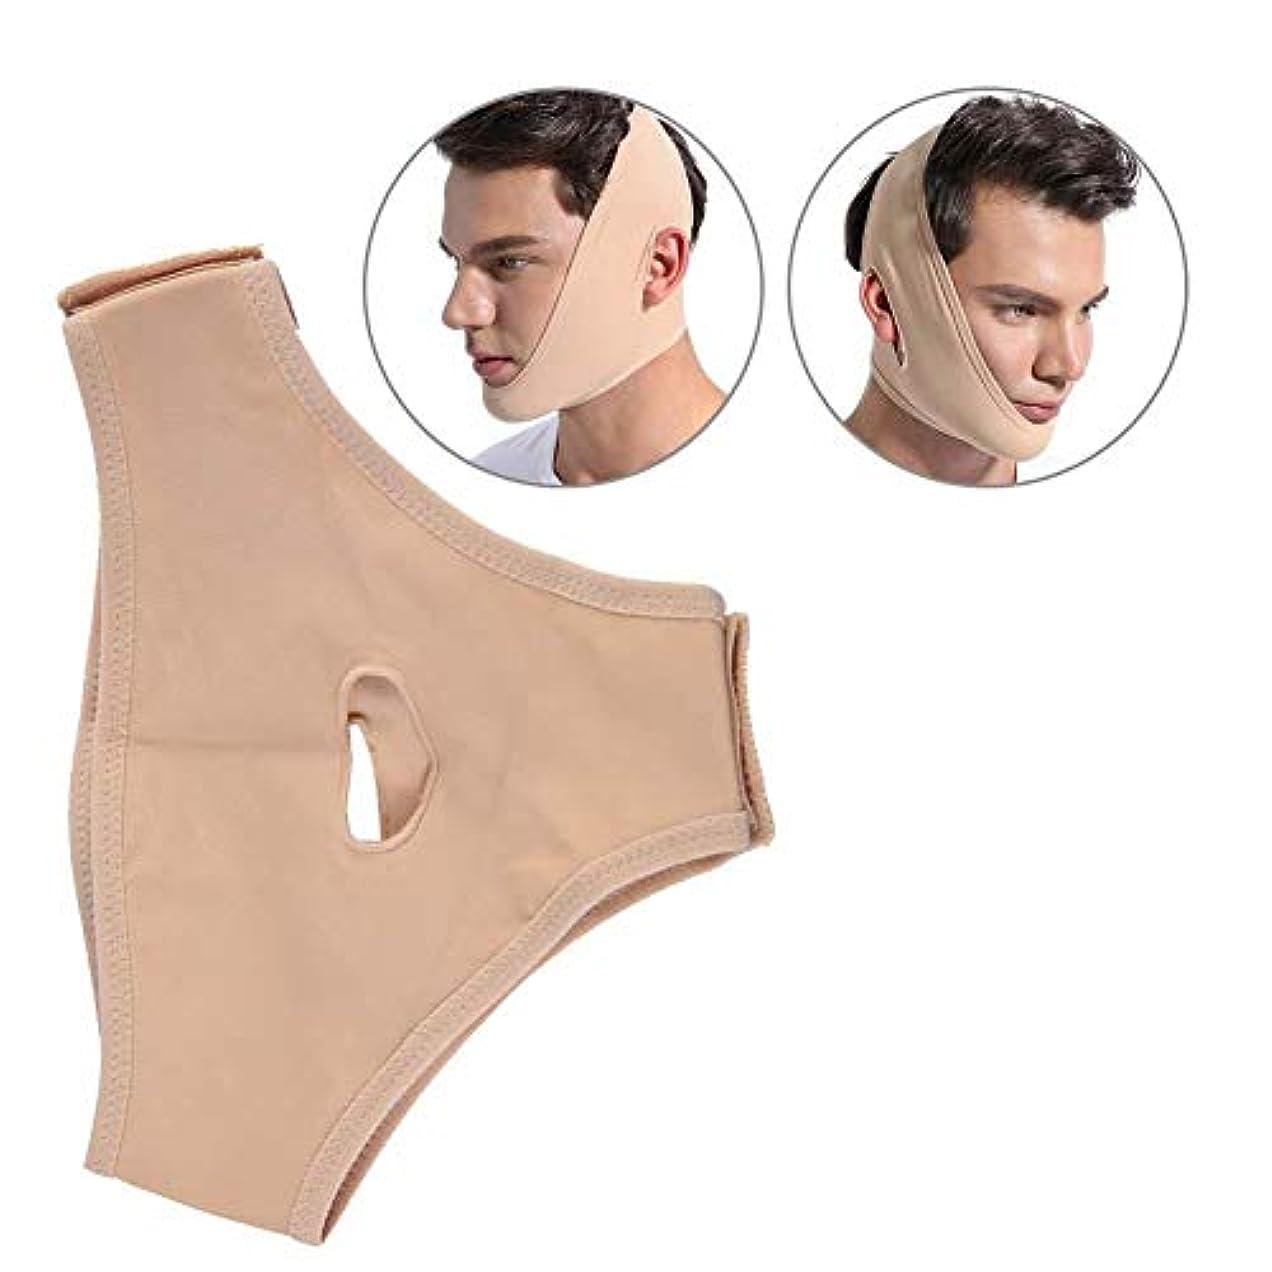 深める返済挑発する顔の輪郭を改善するVフェイス美容包帯、フェイスリフト用フェイスマスク、輪郭の改善、二重あごおよび脂肪蓄積(L)